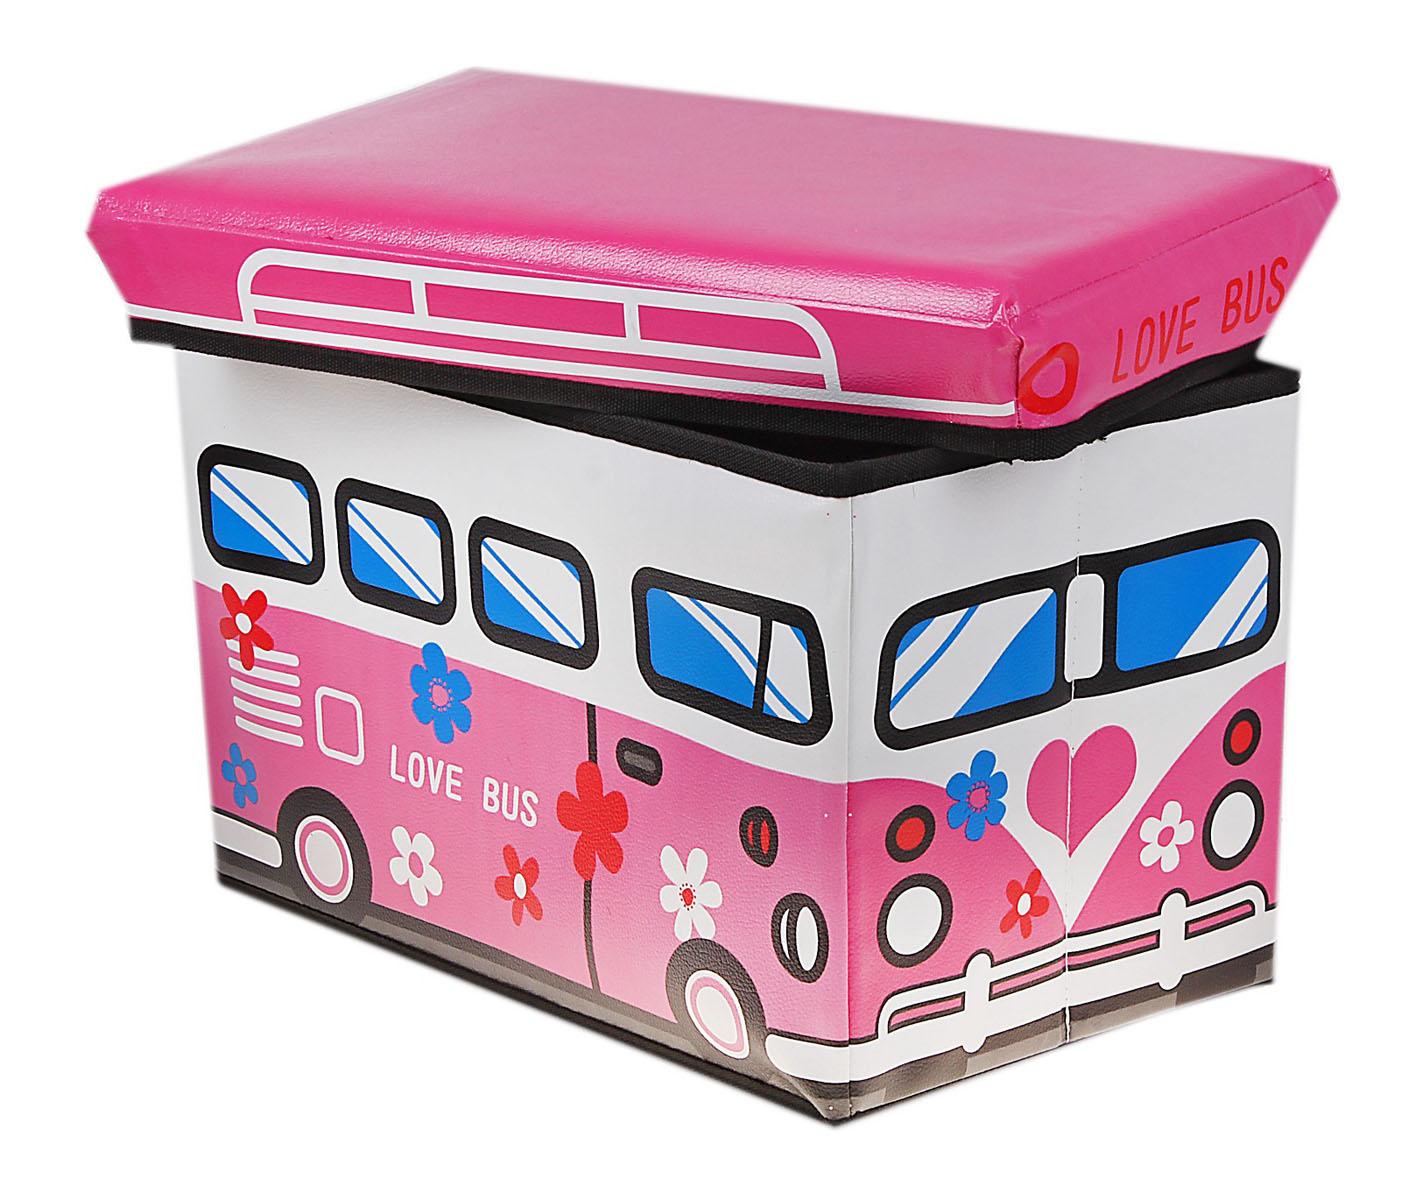 Коробка для хранения Sima-land Любимый, 40 х 25 х 25 см10850/1W GOLD IVORYКоробка для хранения Sima-land Любимый изготовлена из искусственной кожи и картона. Коробка имеет съемную, мягкую крышку. Материал коробки позволяет сохранять естественную вентиляцию, а воздуху свободно проникать внутрь, не пропуская пыль. Благодаря специальным вставкам, коробка прекрасно держит форму, а эстетичный дизайн гармонично смотрится в любом интерьере. Компактные габариты коробки не загромождают помещение. Коробку можно хранить в обычном шкафу. Внутренняя емкость позволяет хранить внутри игрушки, журналы, обувь, прочие предметы. Мобильность конструкции обеспечивает складывание и раскладывание одним движением.Коробка для хранения Sima-land Любимый станет вам незаменимой дома и на даче. Размер коробки: 40 см х 25 см х 25 см.